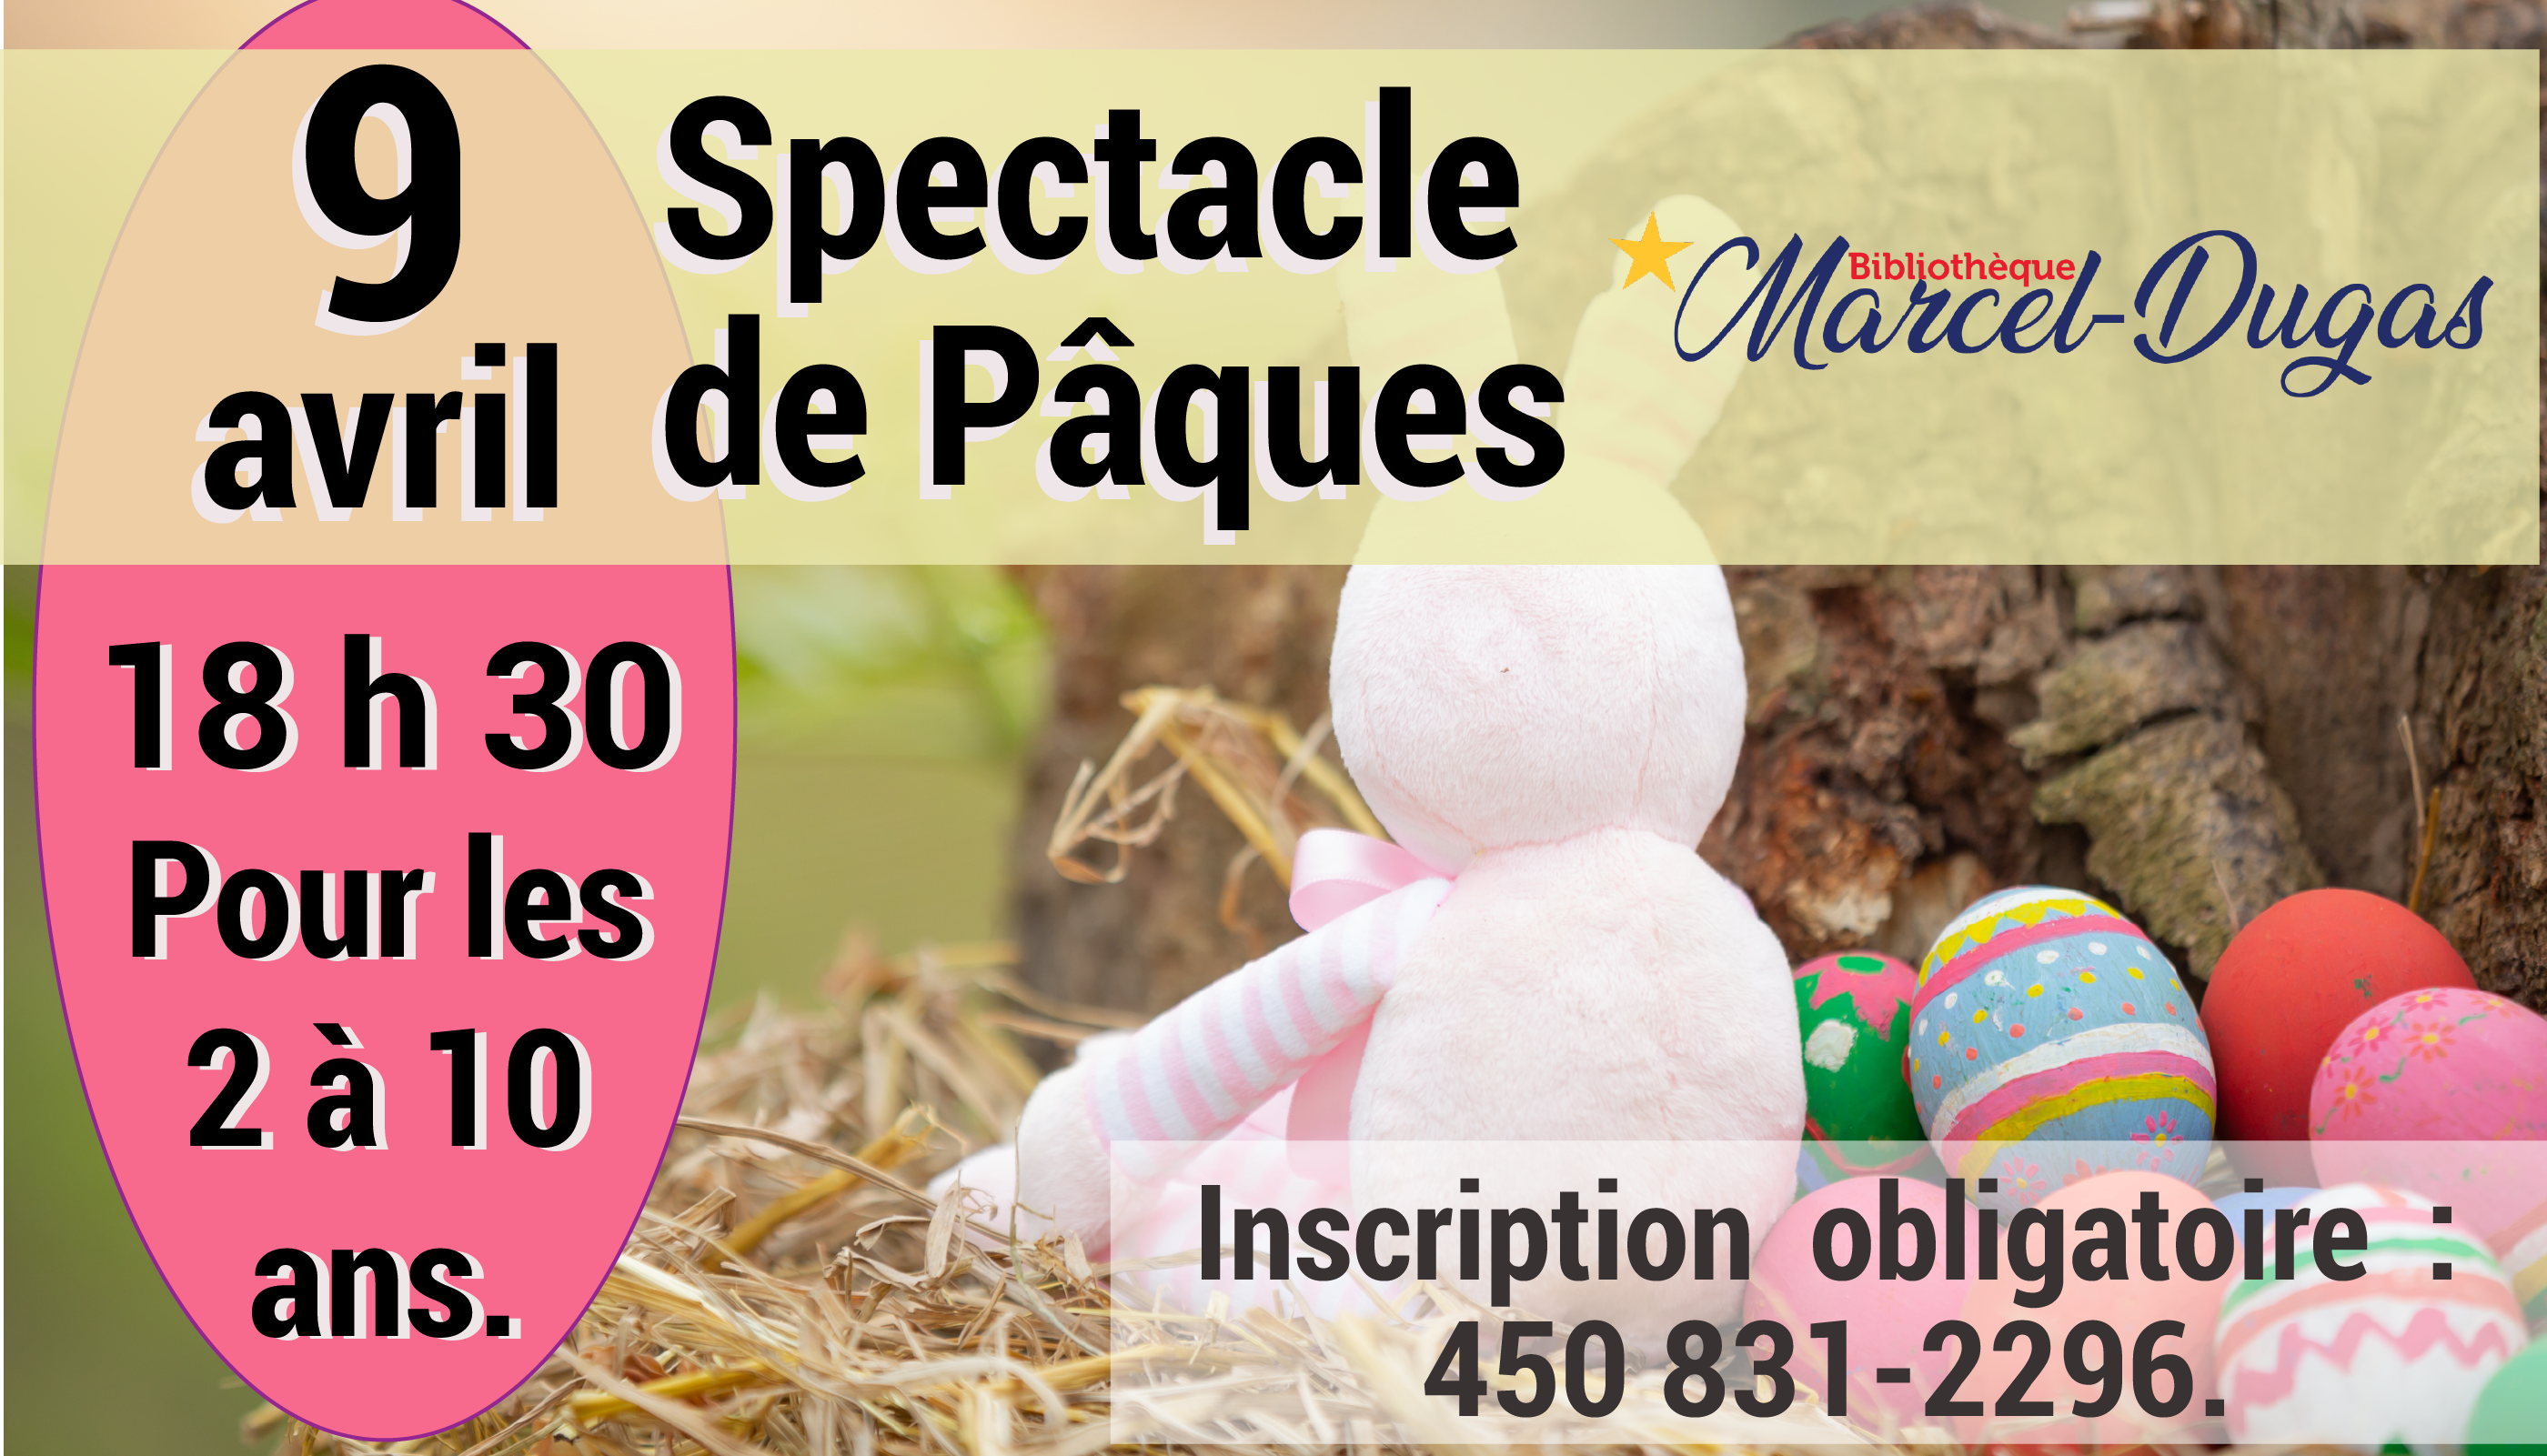 Spectacle de Pâques @ Bibliothèque Marcel-Dugas